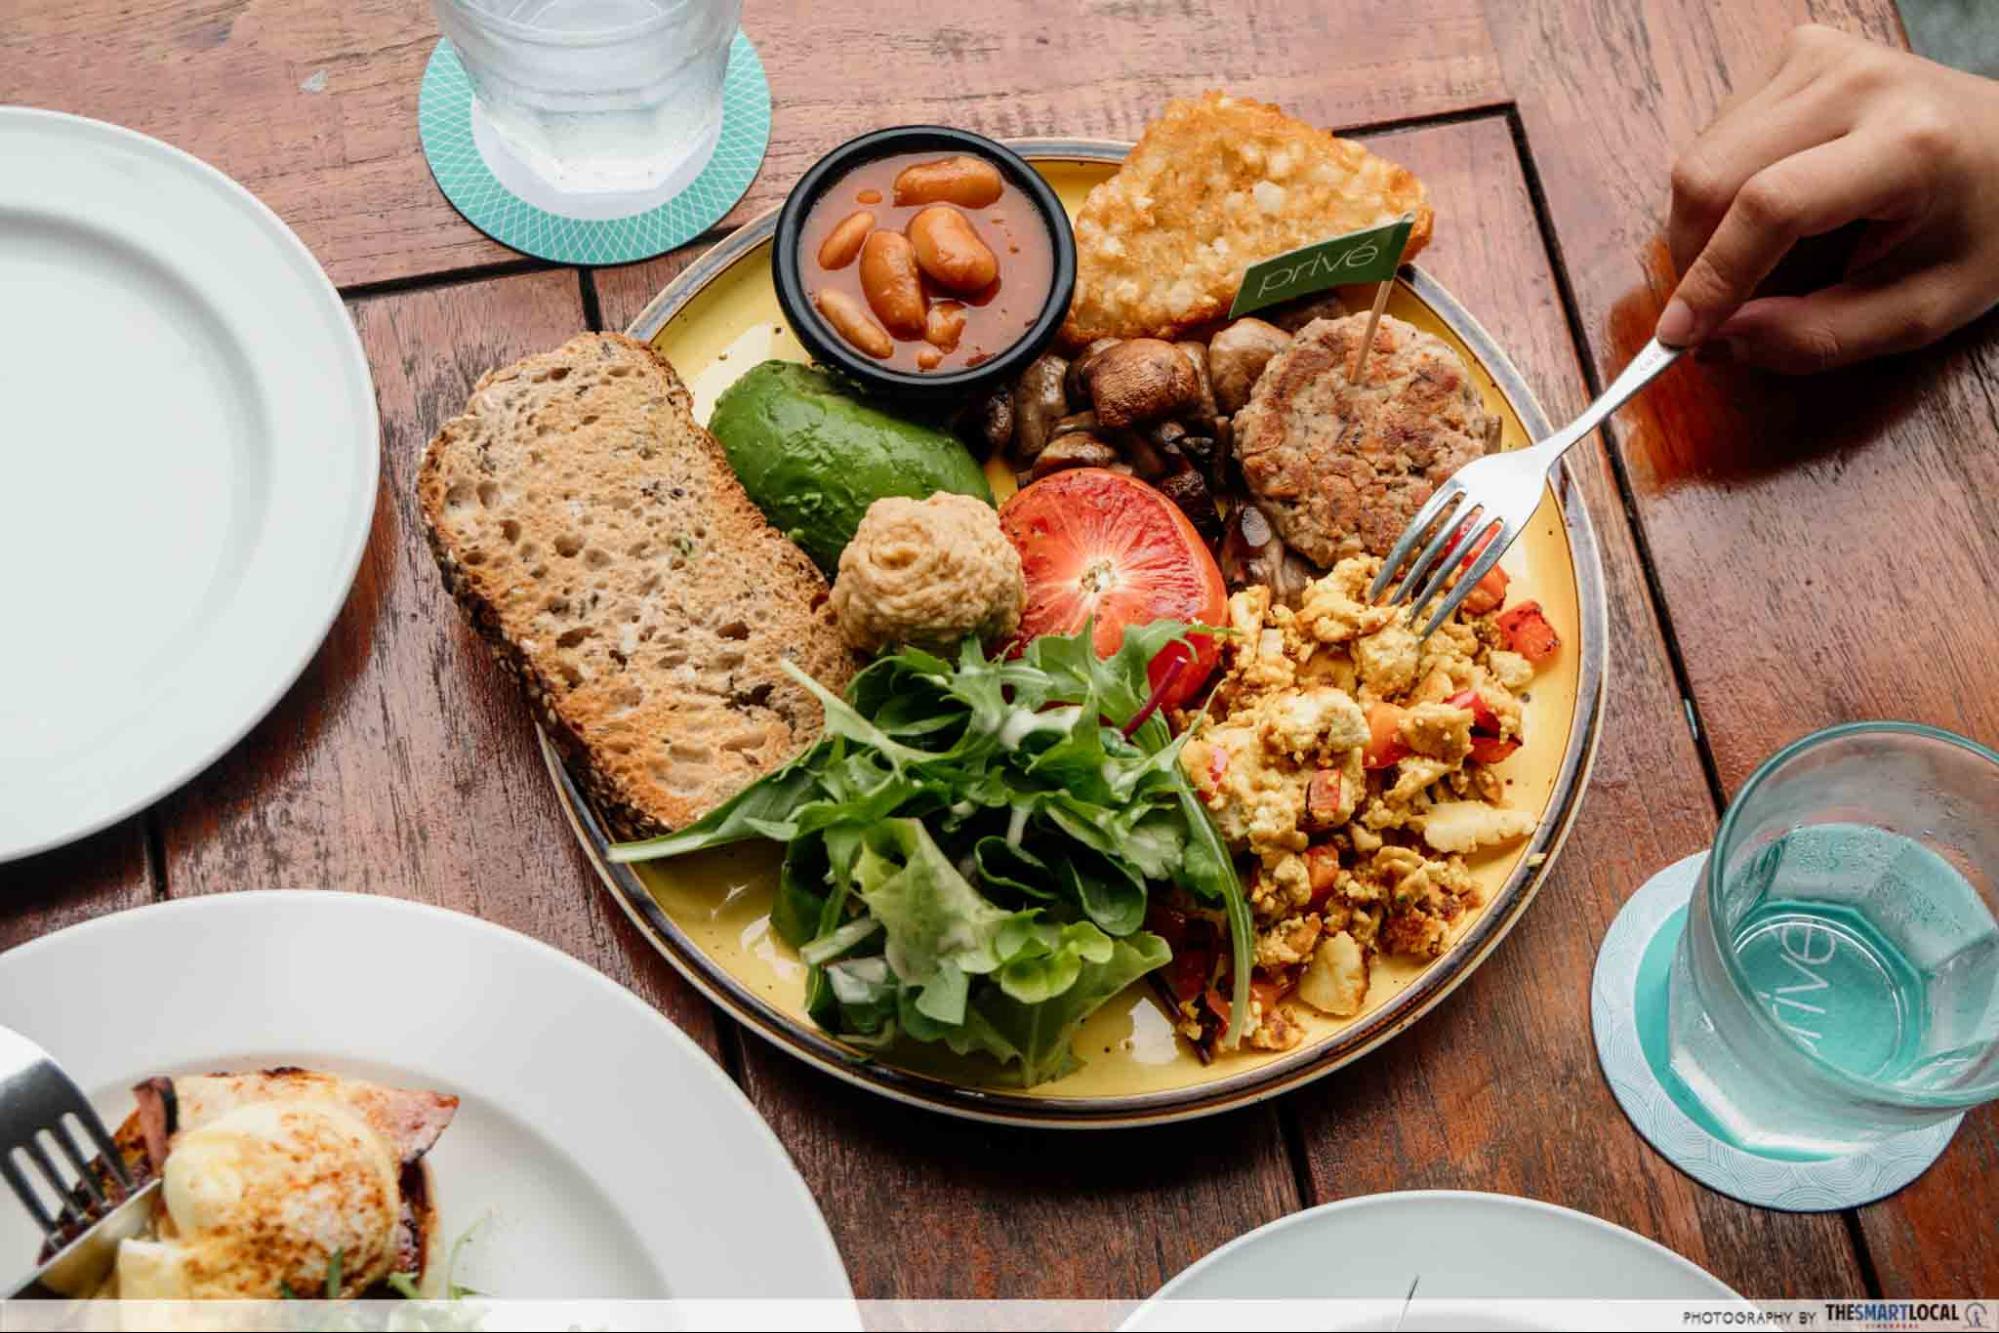 Privé - Plant Power Breakfast Vegan Platter